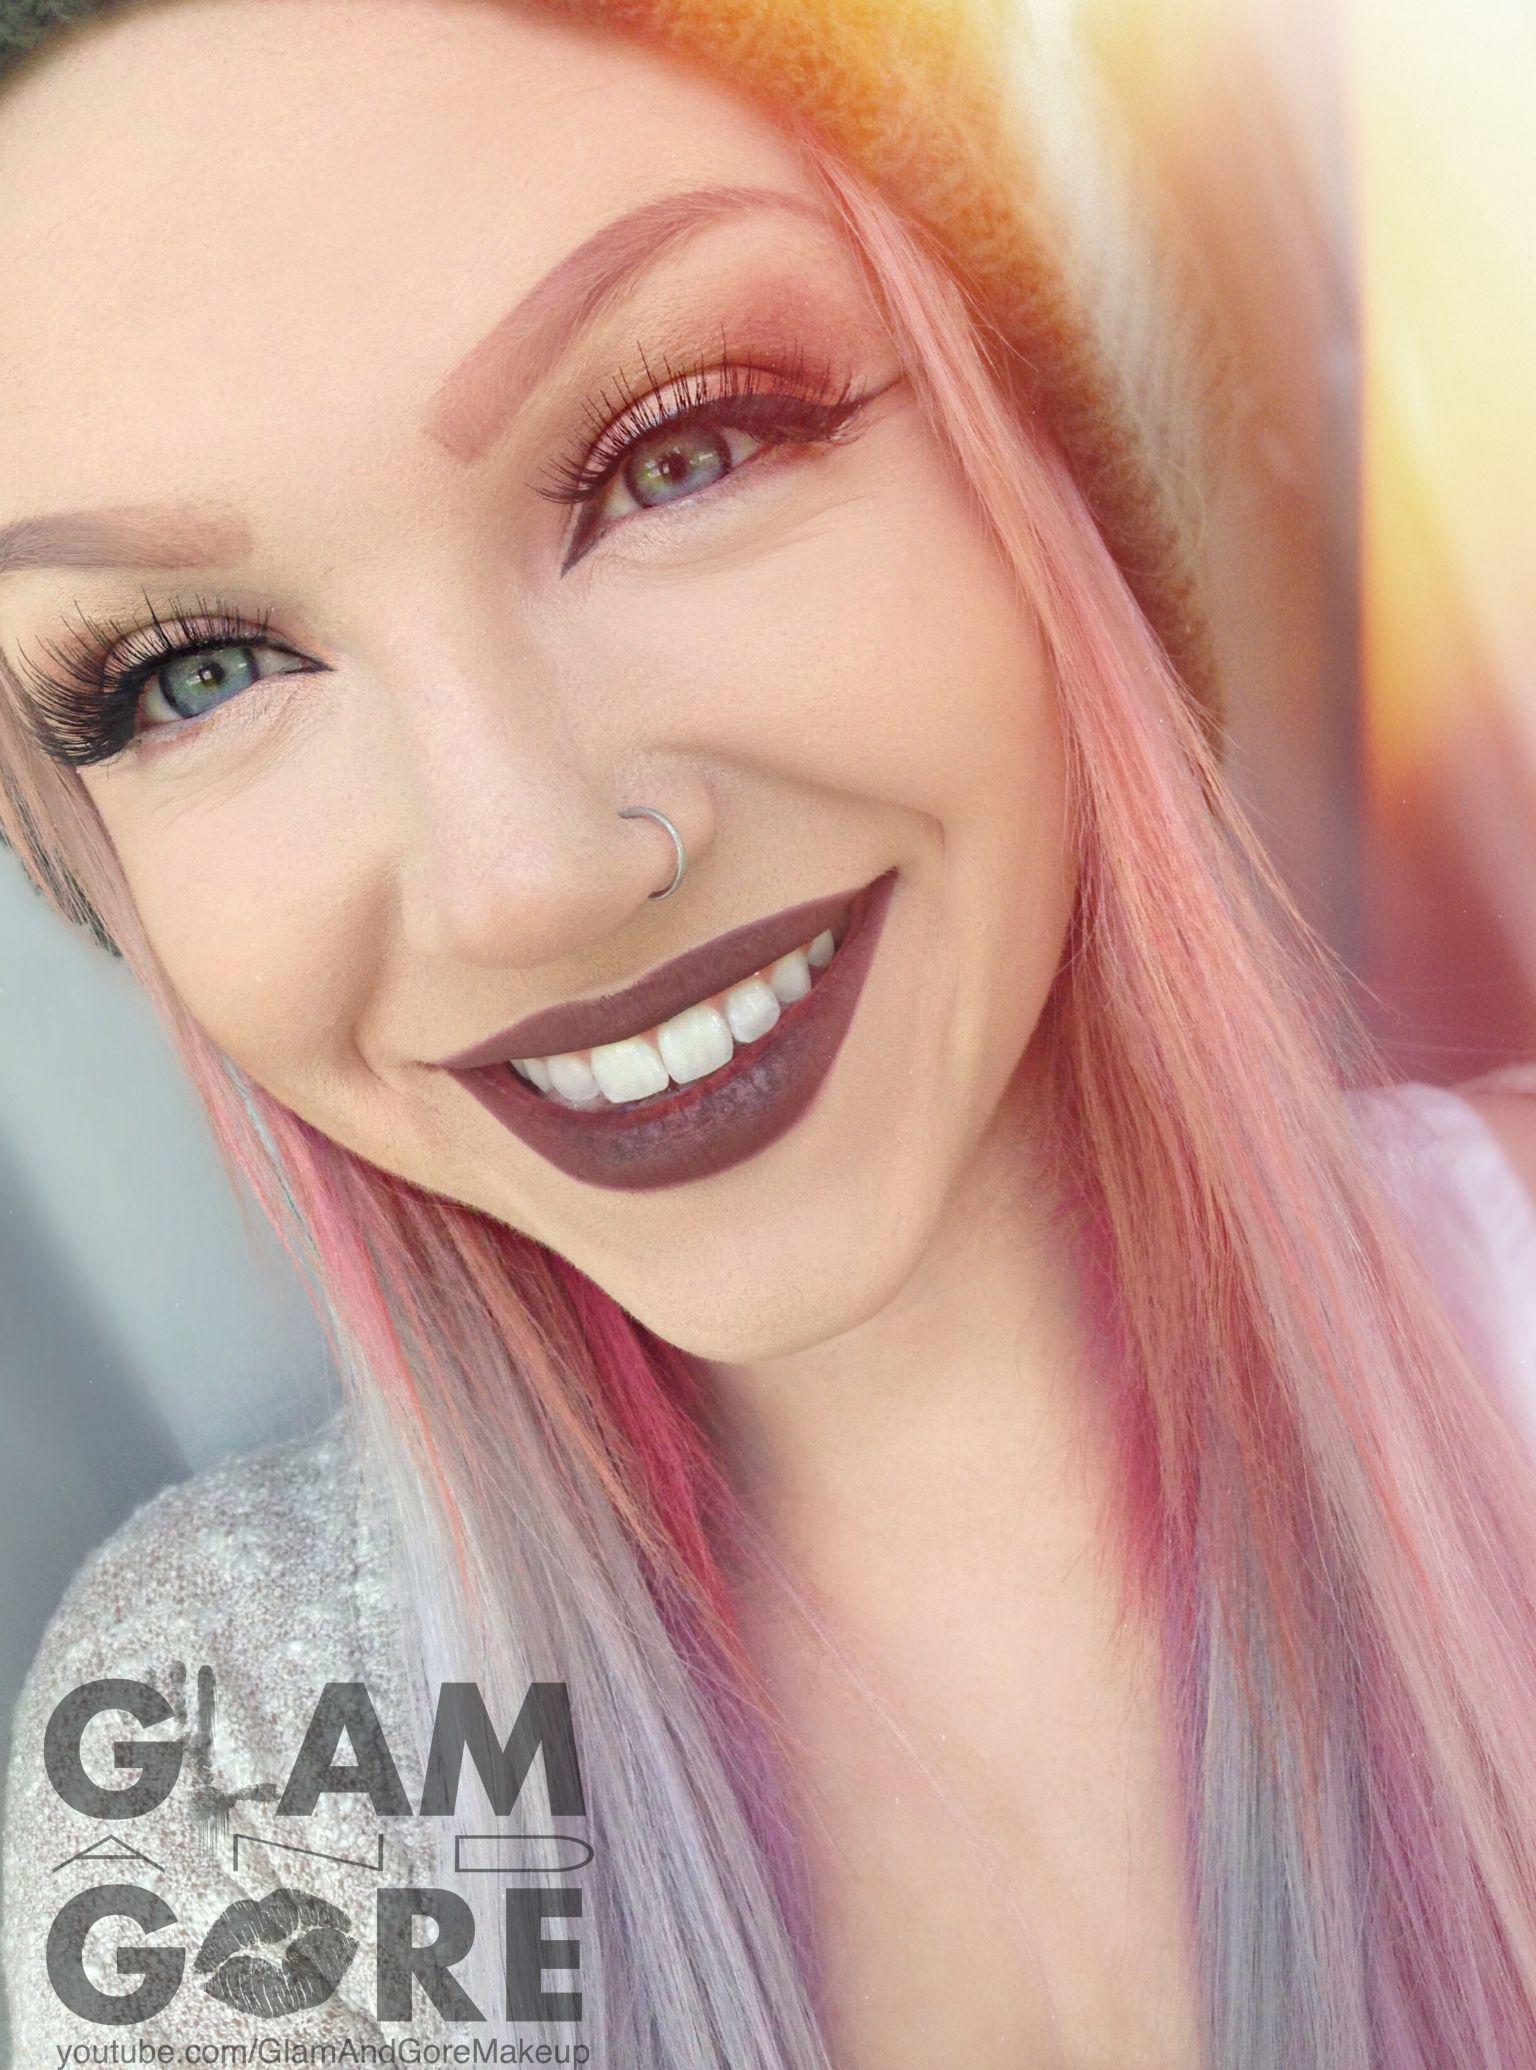 Pastel hair, pastel eye makeup... definitely not pastel